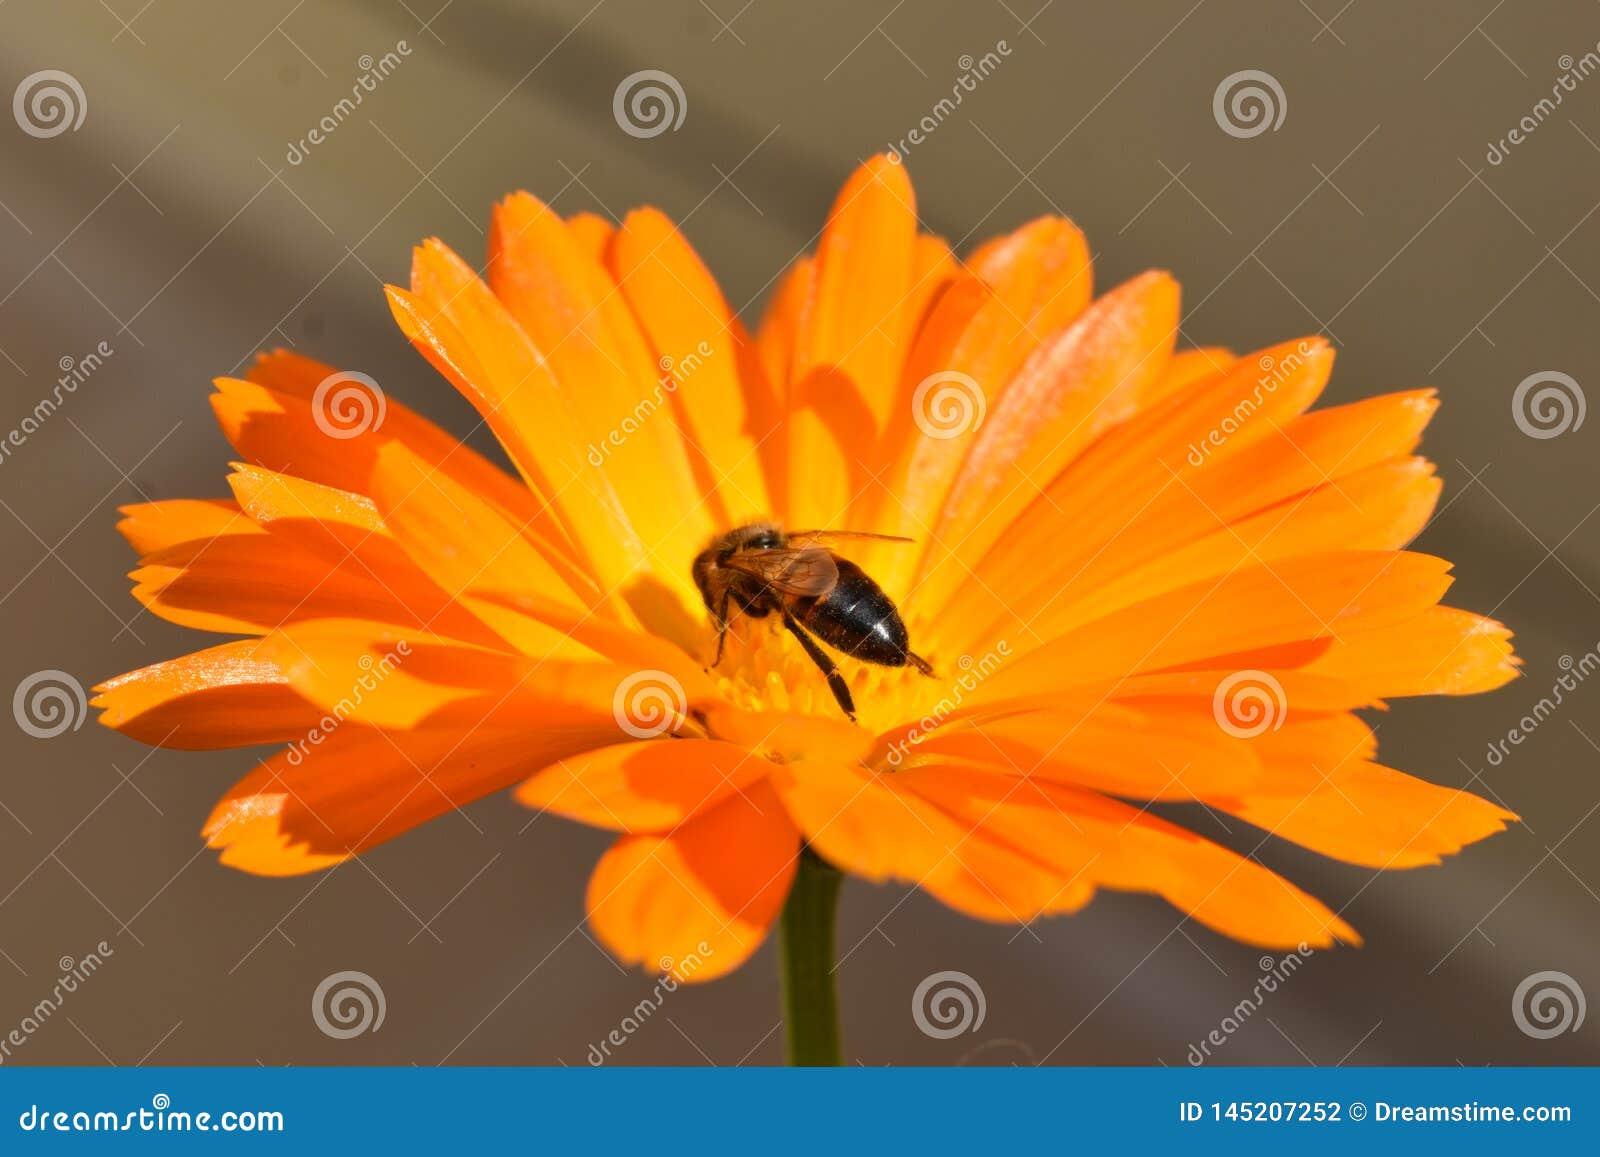 Небольшая пчела на оранжевом цветке